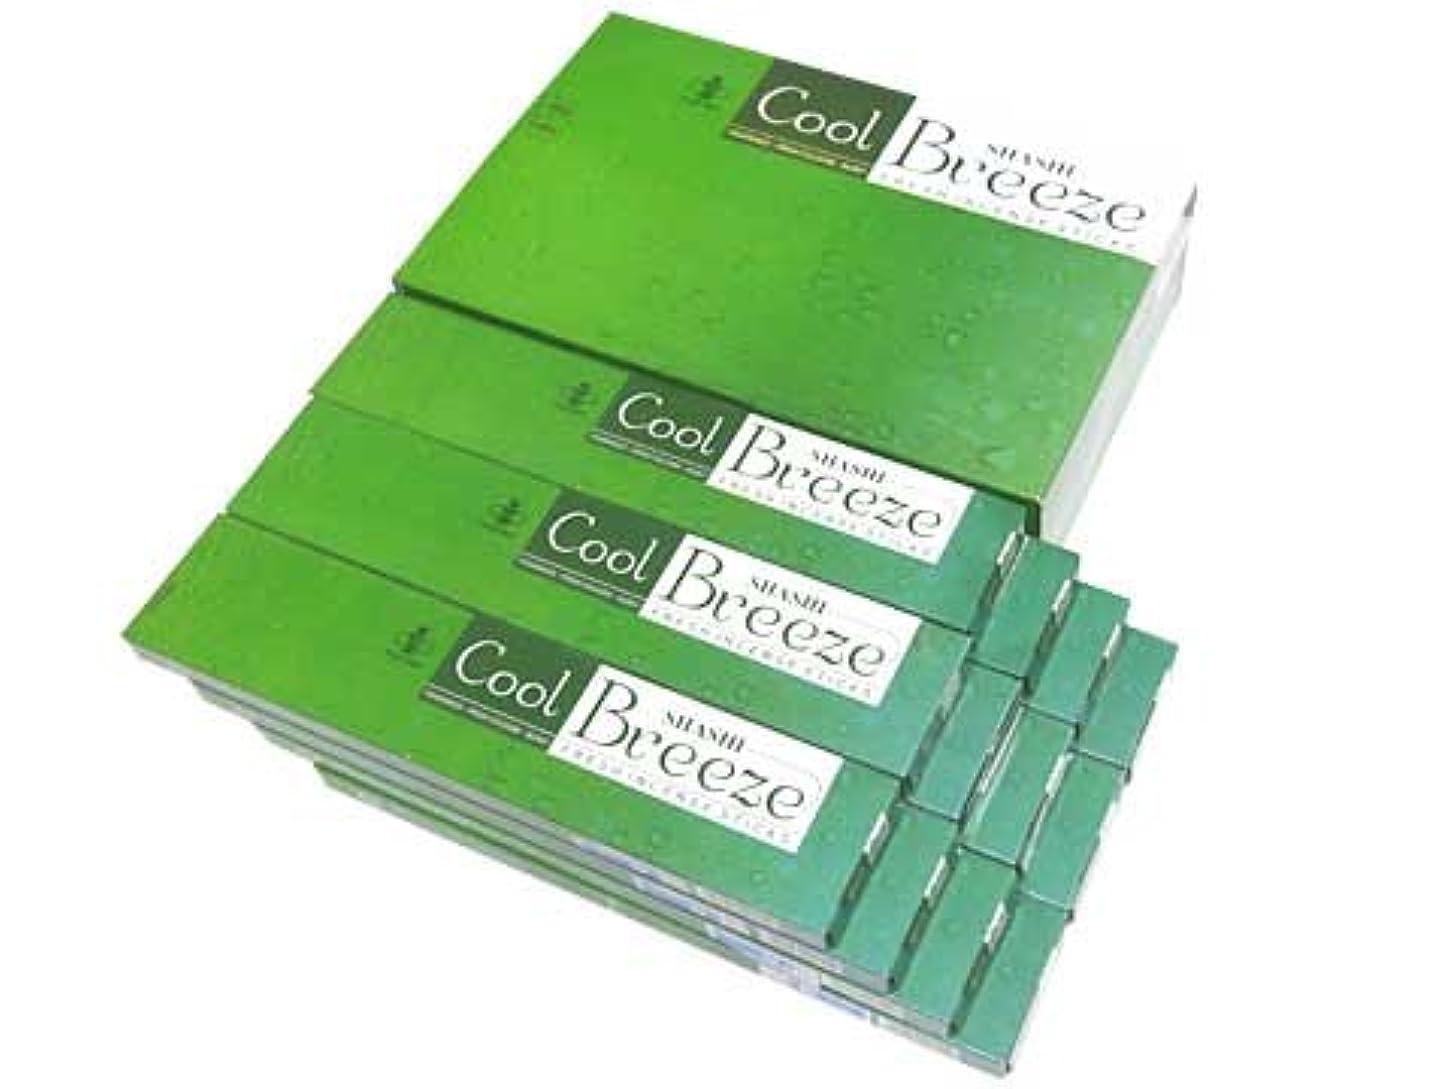 リッチ良心呼ぶSHASHI(シャシ) クールブリーズ香 スティック COOL BLEEZE 12箱セット